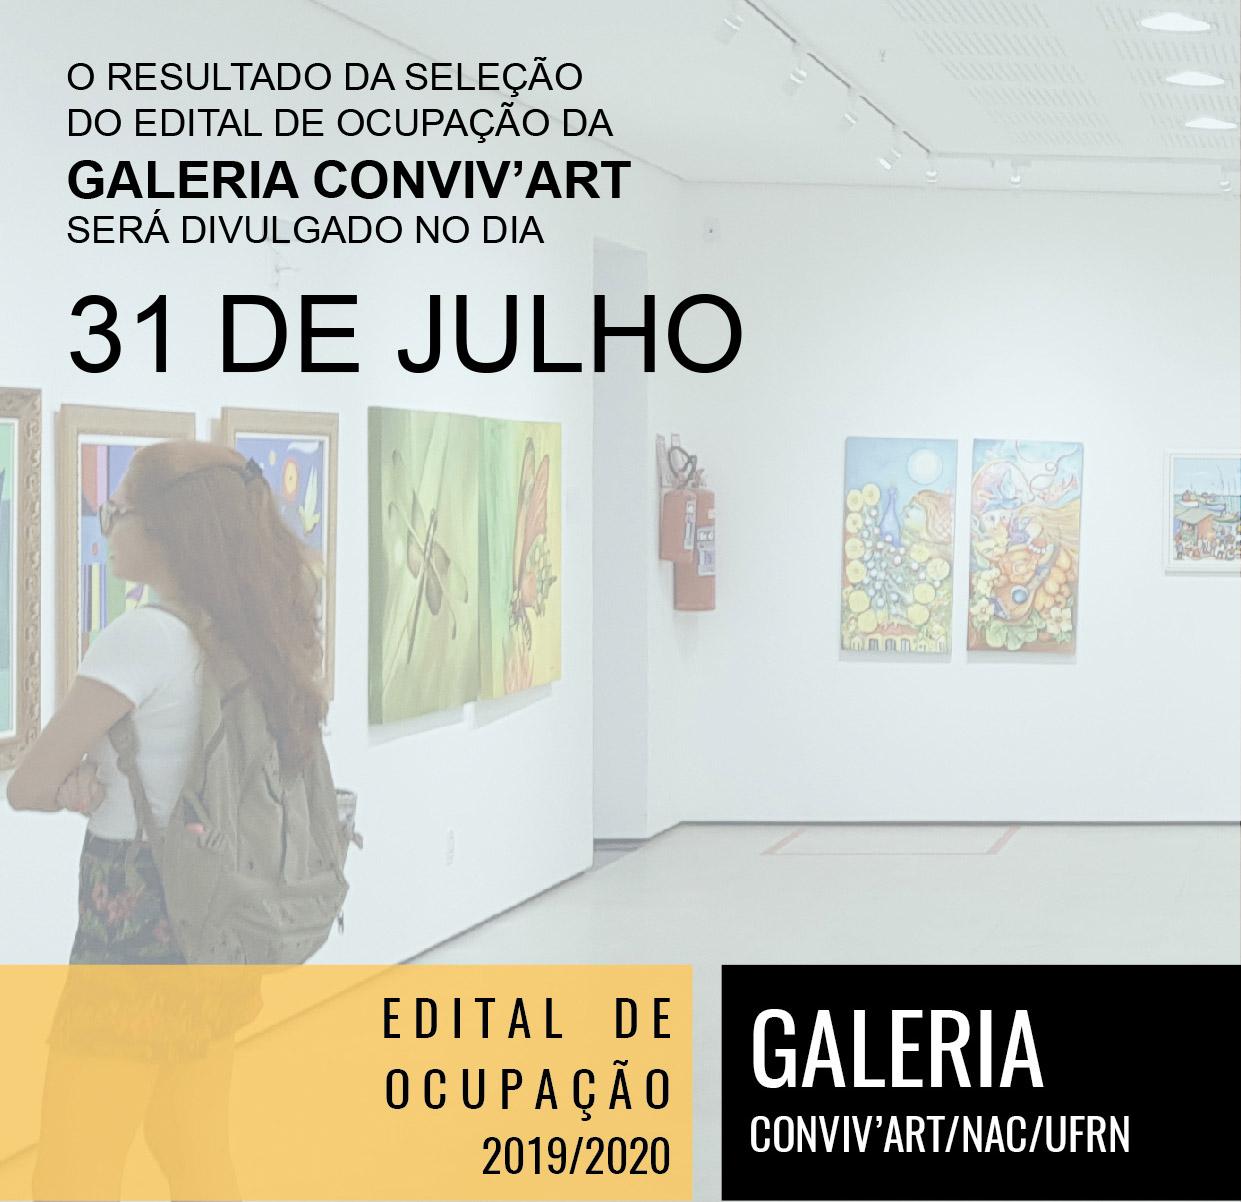 Resultado de divilgação EDITAL DE OCUPAÇÃO - GALERIA CONVIV'ART- Dia 31 de julho de 2019